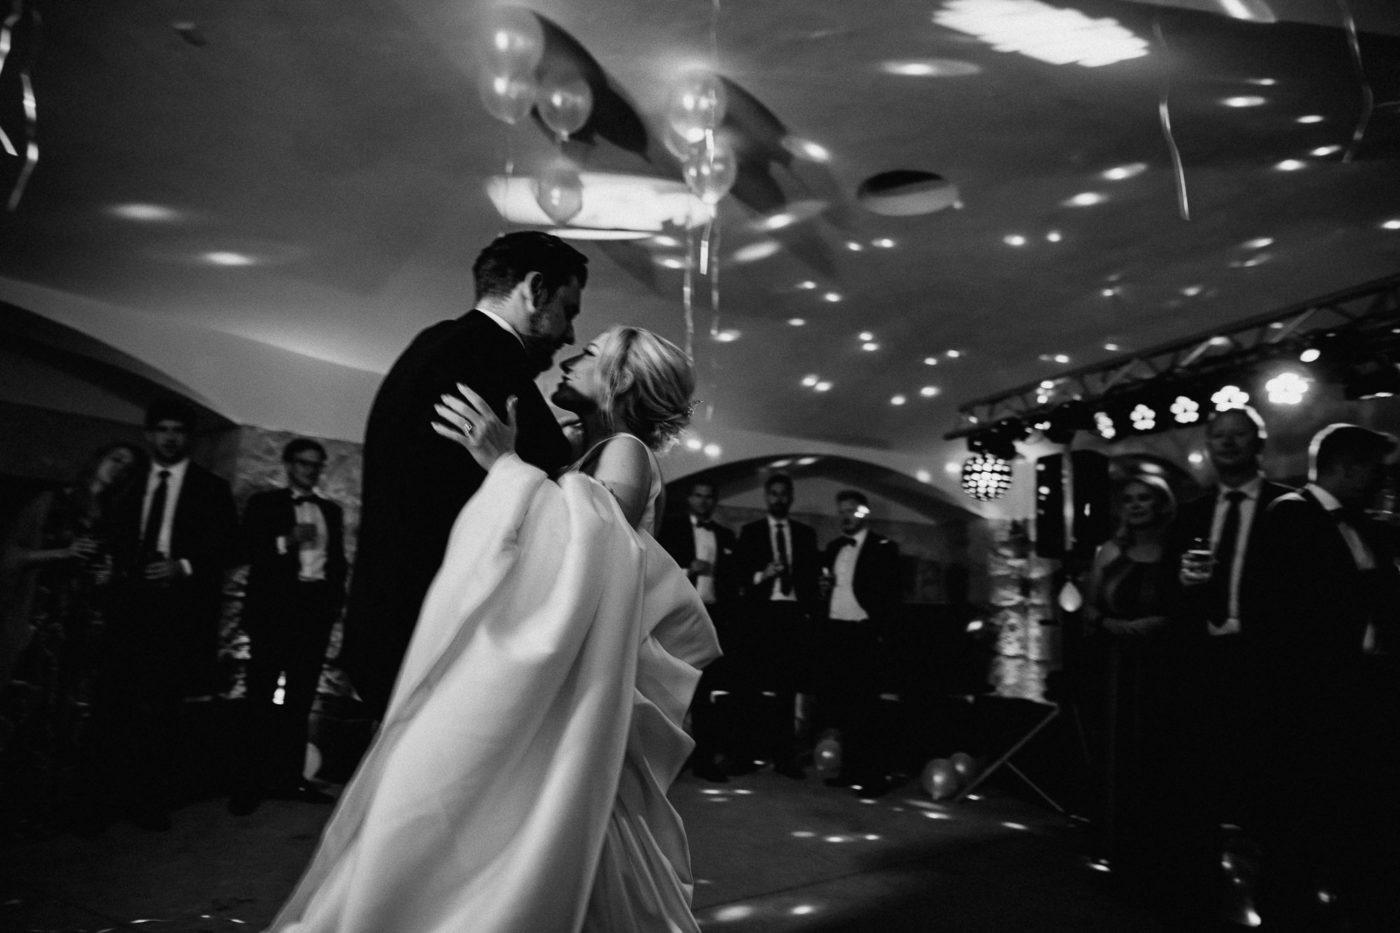 Verliebte Blicke vom Brautpaar während des Hochzeitstanzes